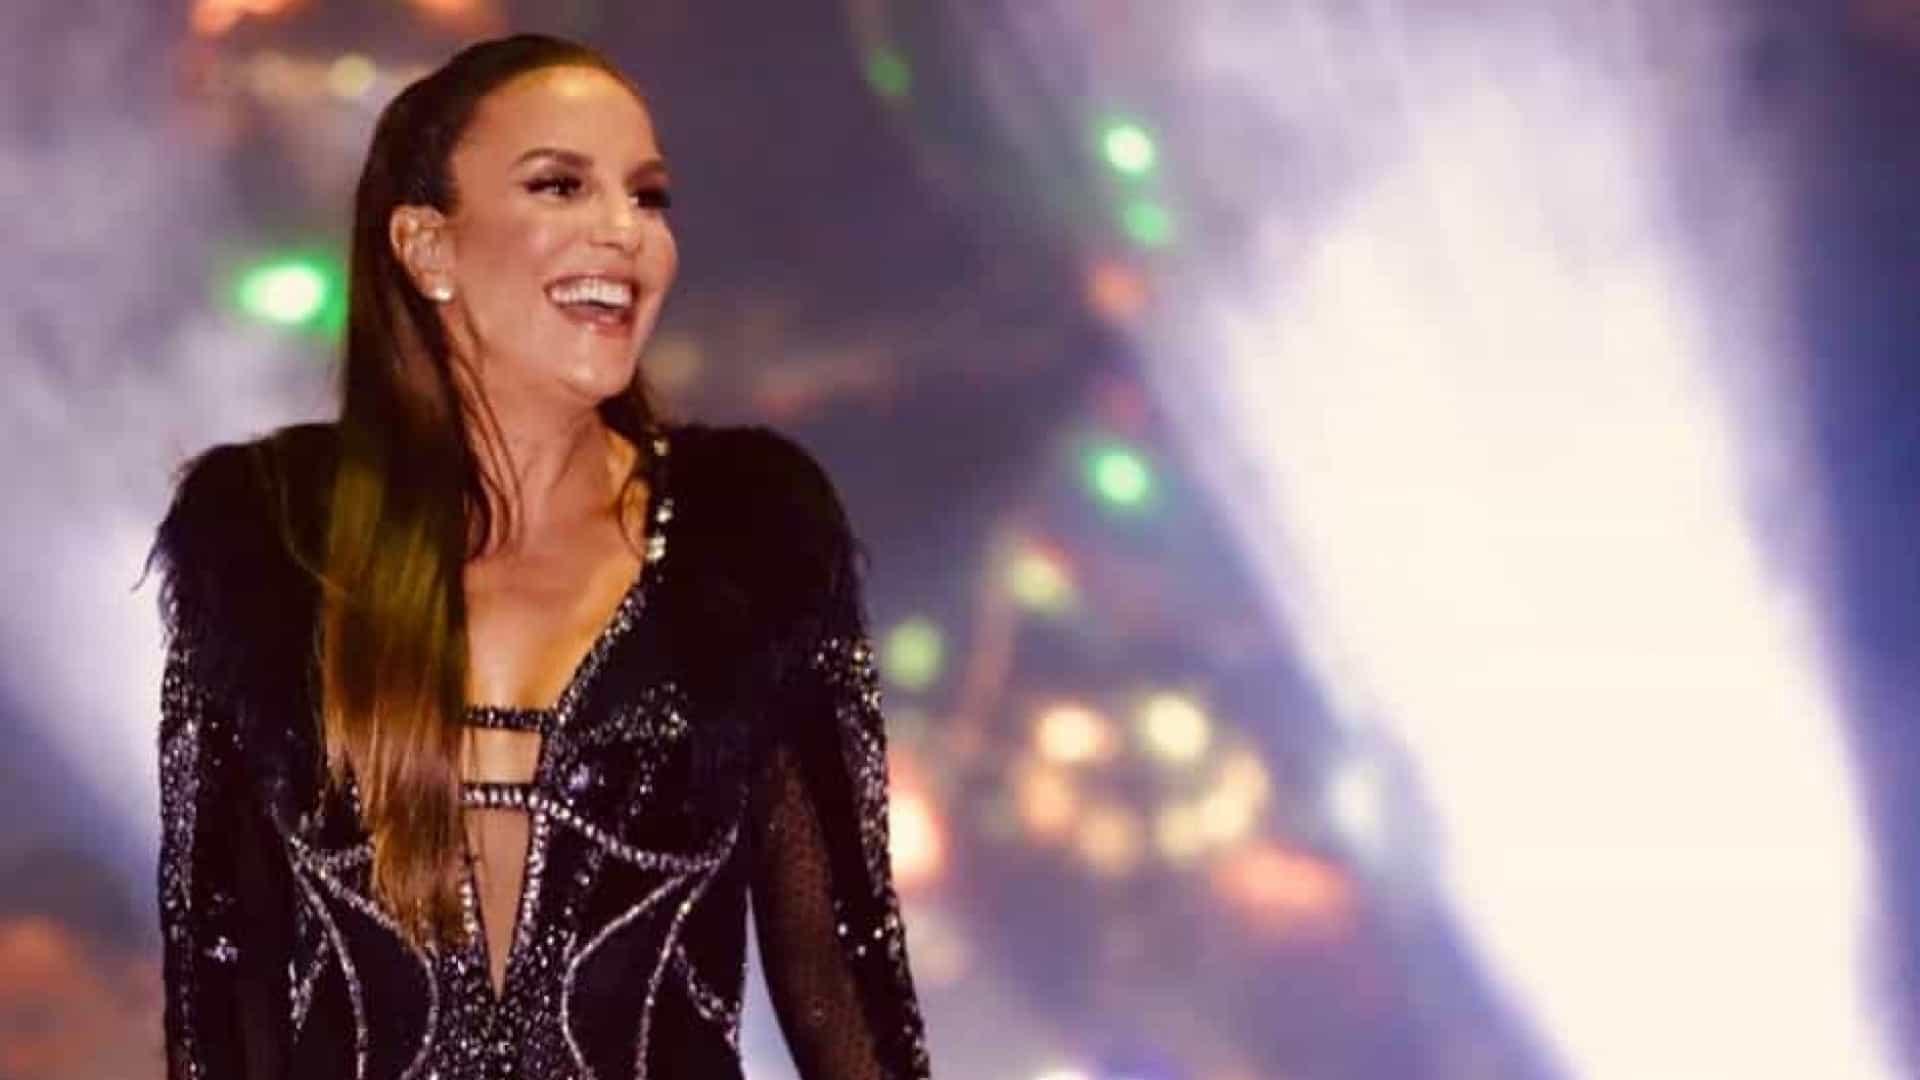 naom 5d9513b85995c - Rock in Rio Lisboa anuncia Ivete Sangalo e Anitta no palco Mundo na edição de 2021